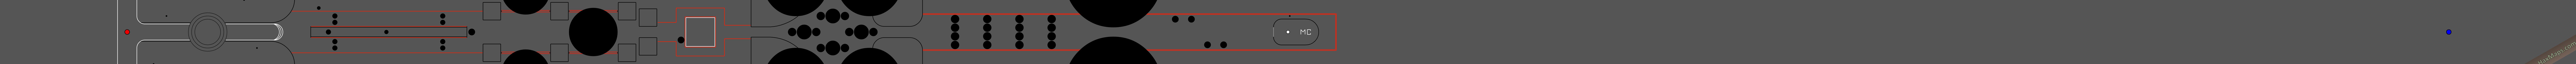 hax ball maps | The End - Medium